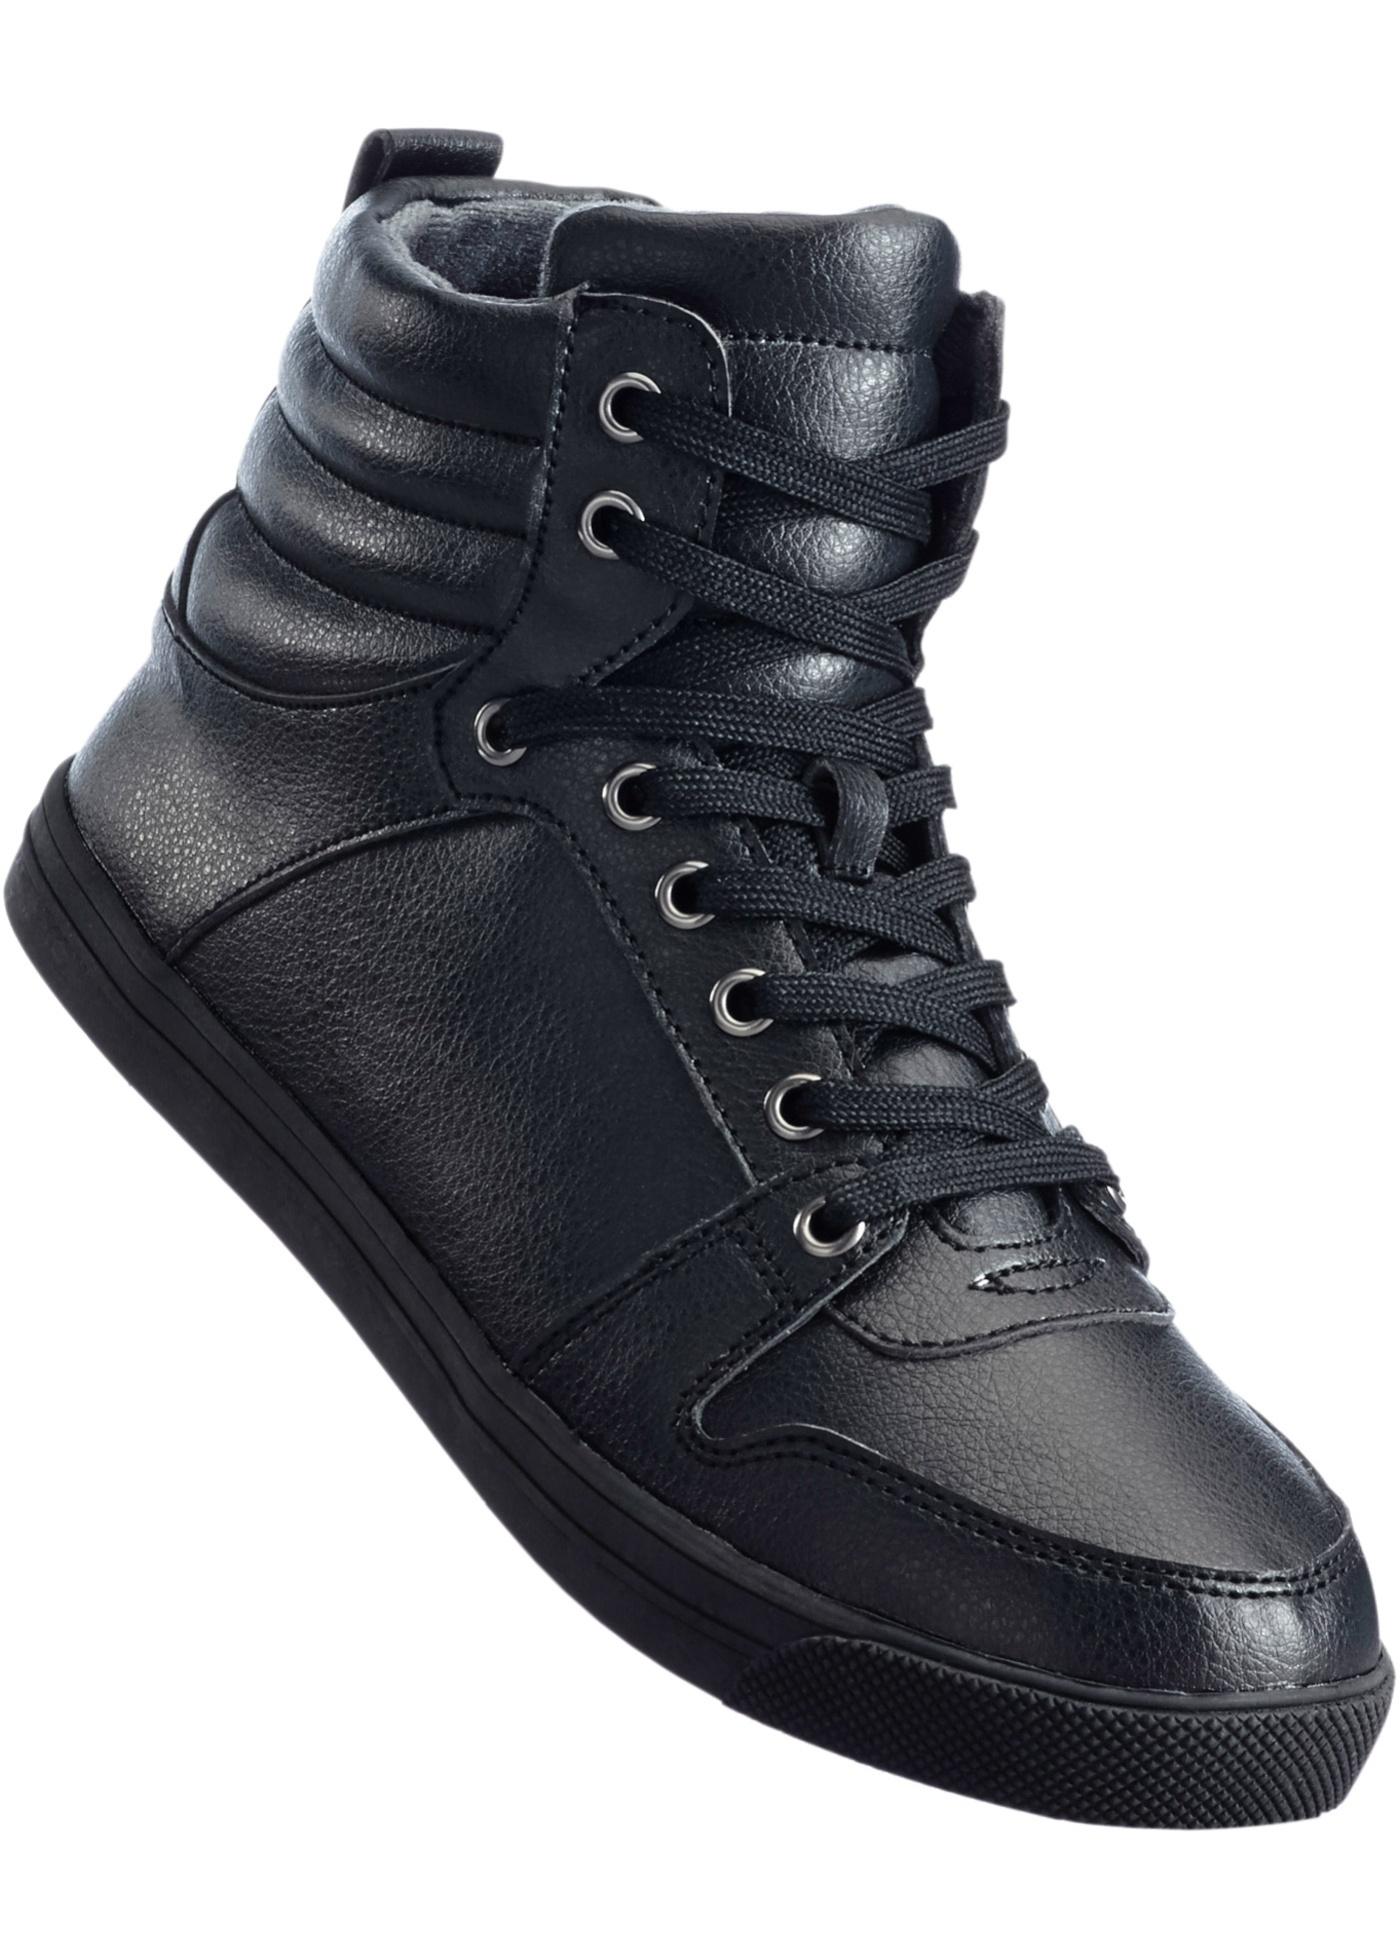 Chaussures sport femme BonPrix